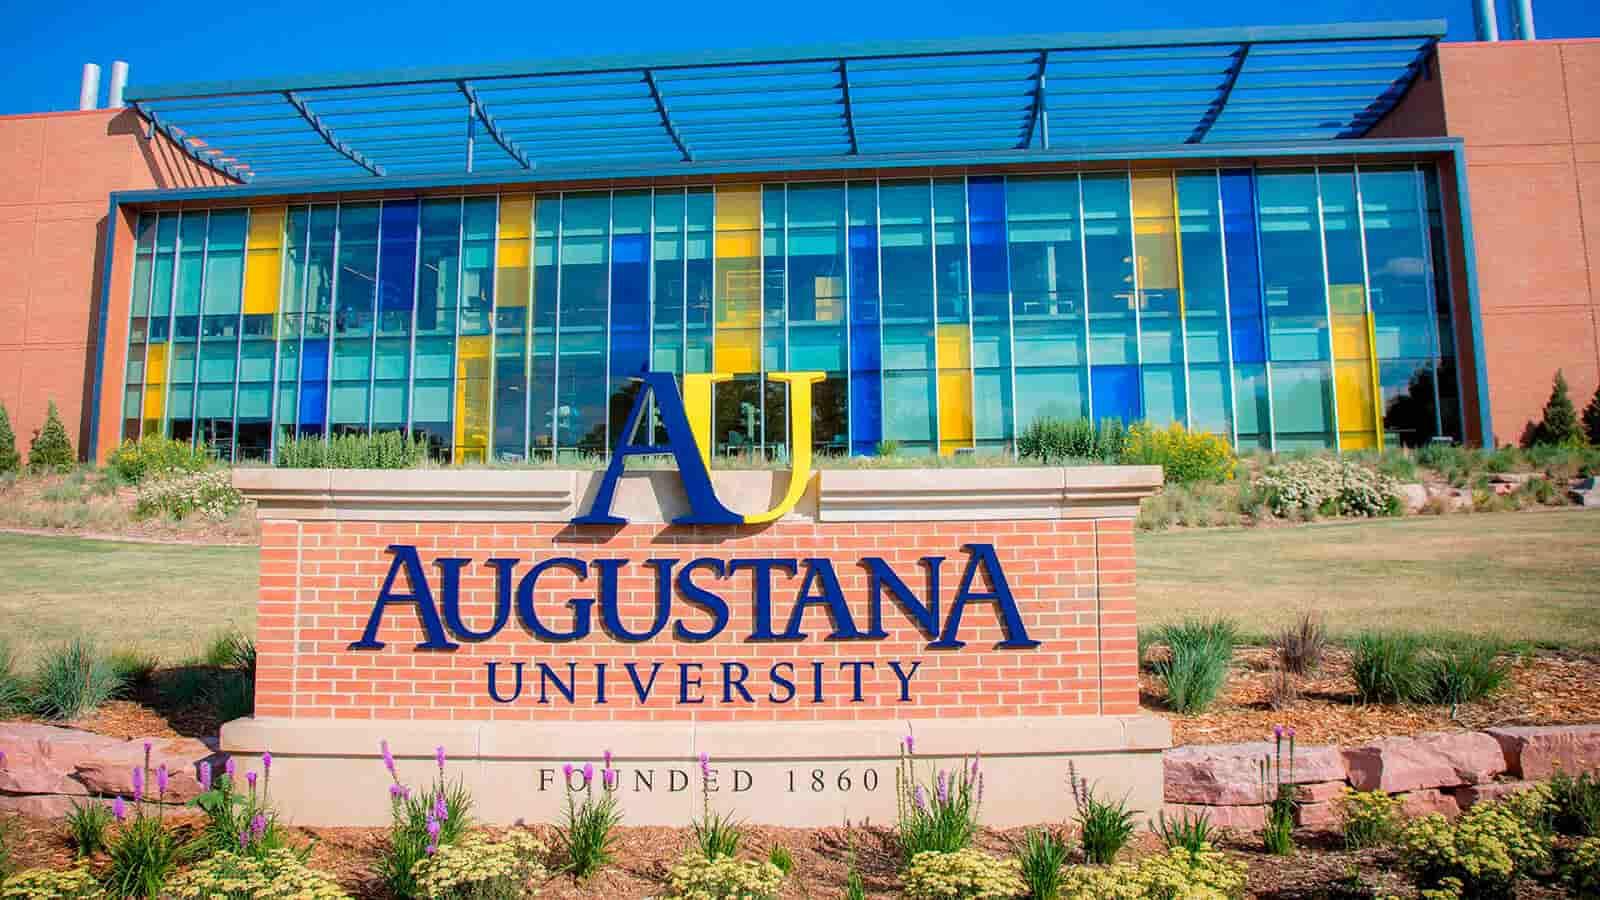 منحة جامعة أوغوستانا لدراسة البكالوريوس الولايات المتحدة الأمريكية 2021